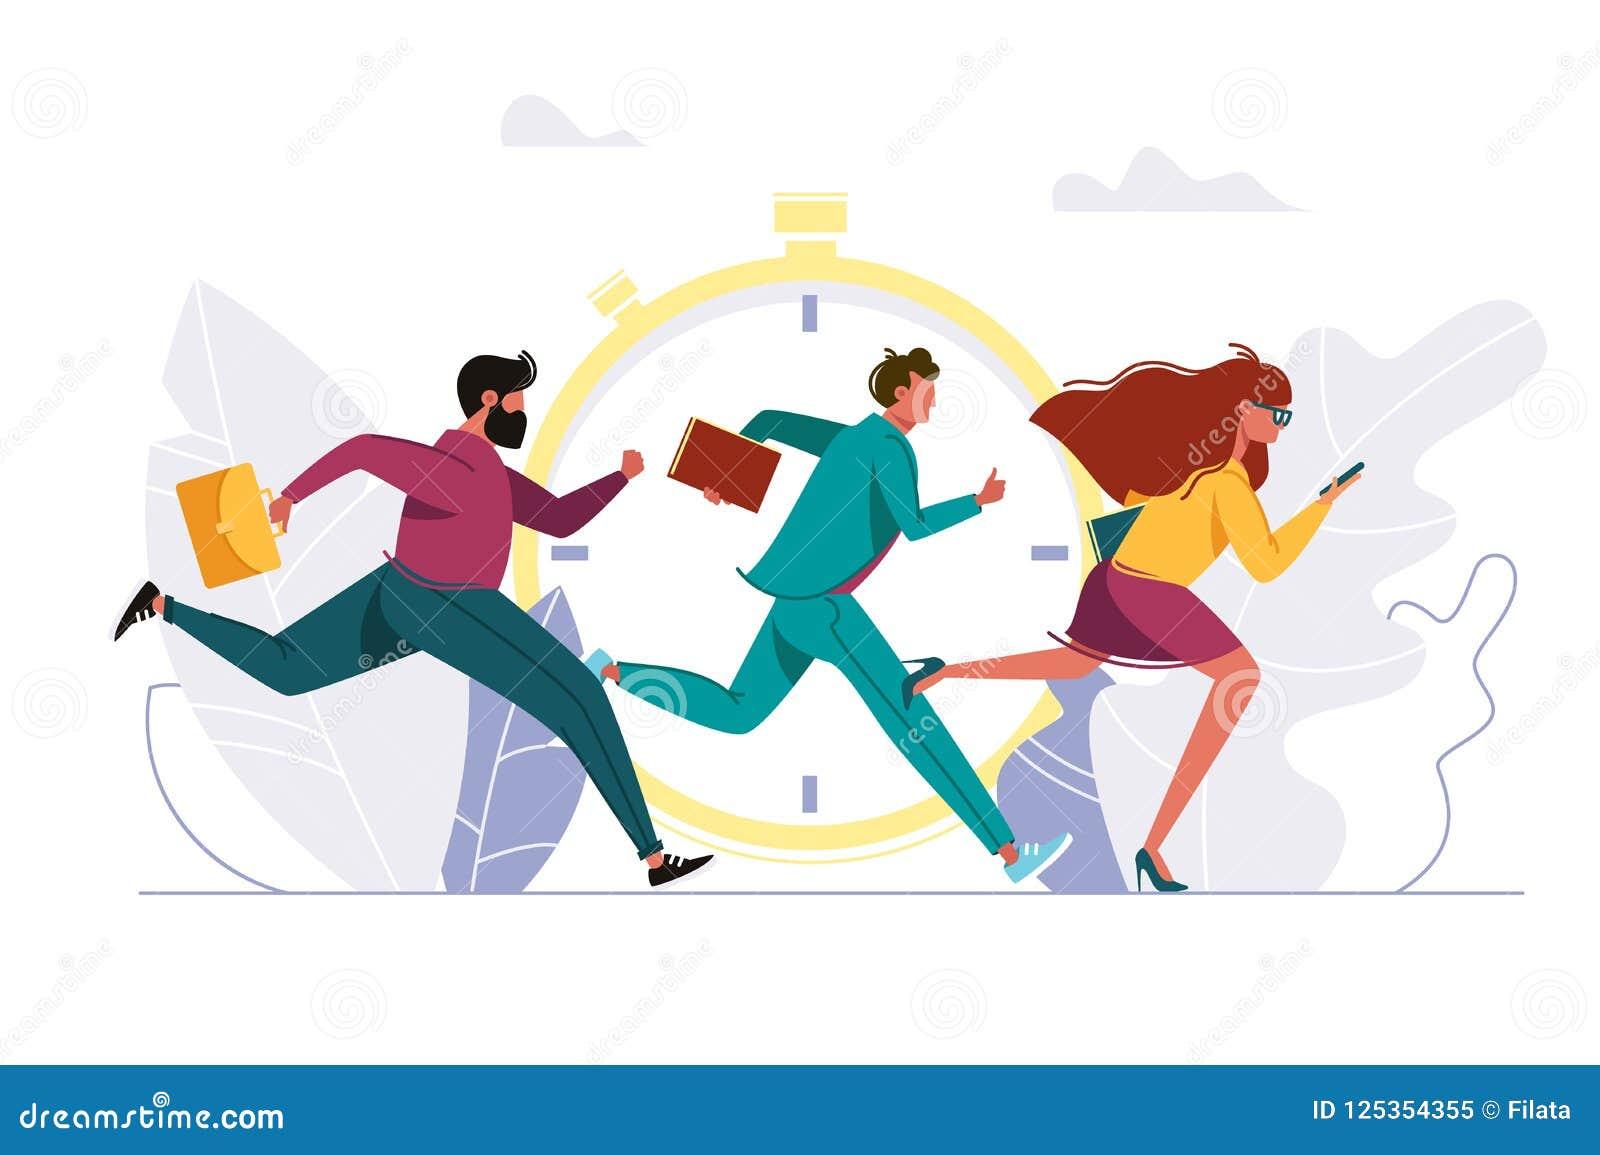 Άνθρωποι που ορμούν στην εργασία, τρέχοντας πρόσωπο